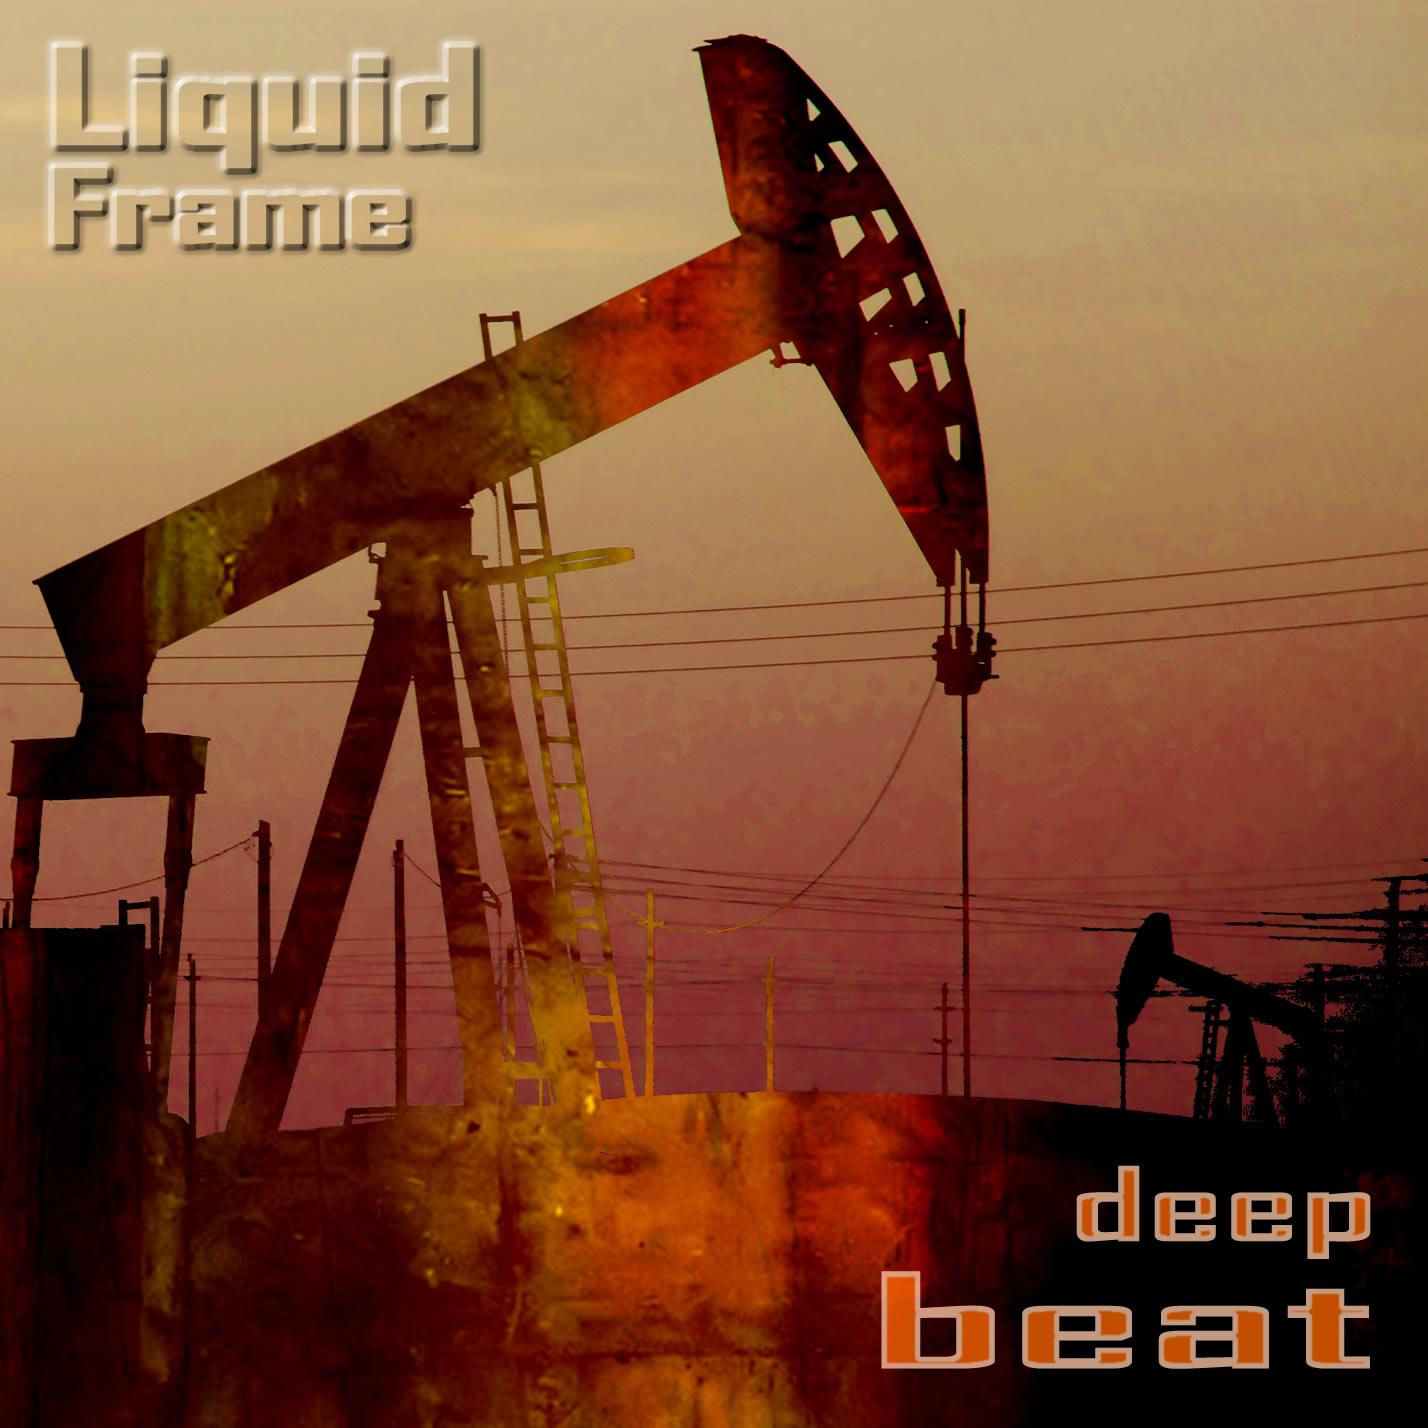 Deep beat